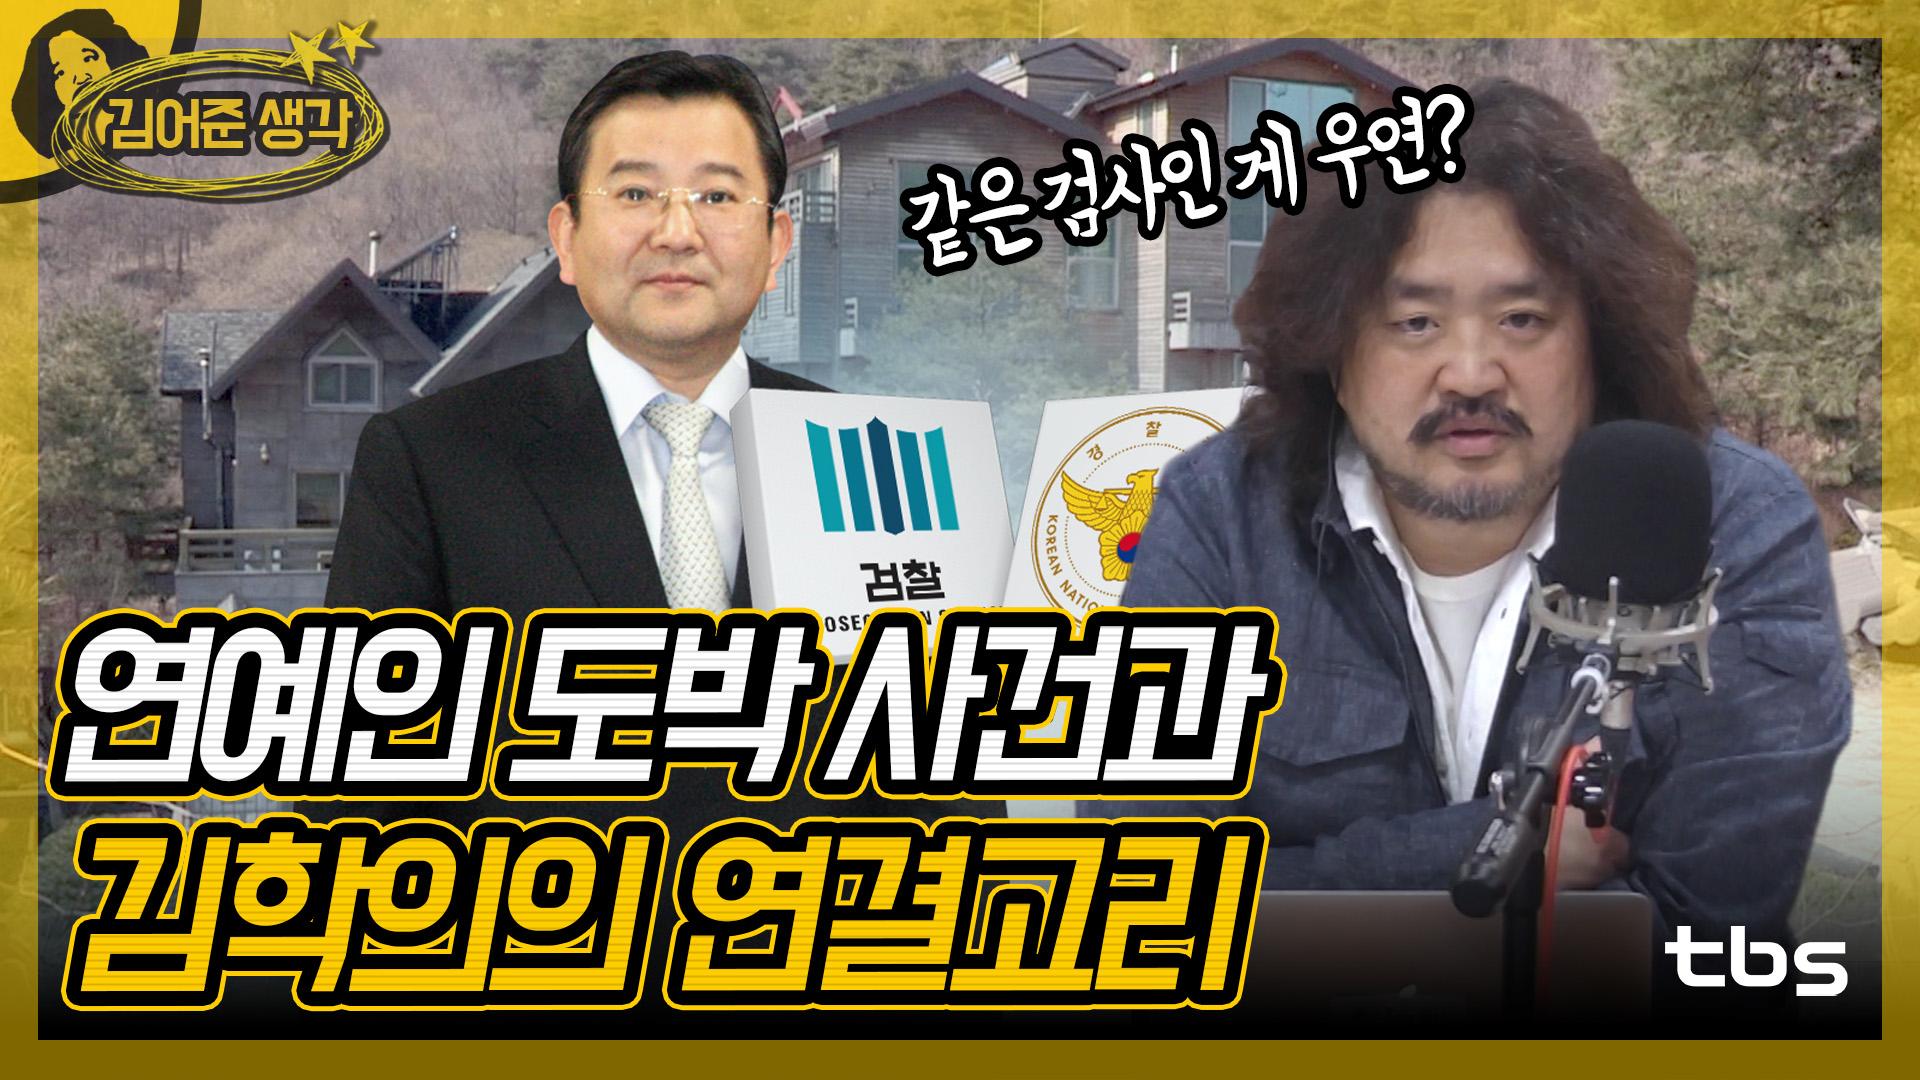 연예인 도박 사건과 김학의 사건의 연결고리 [김어준의 뉴스공장/김어준생각]